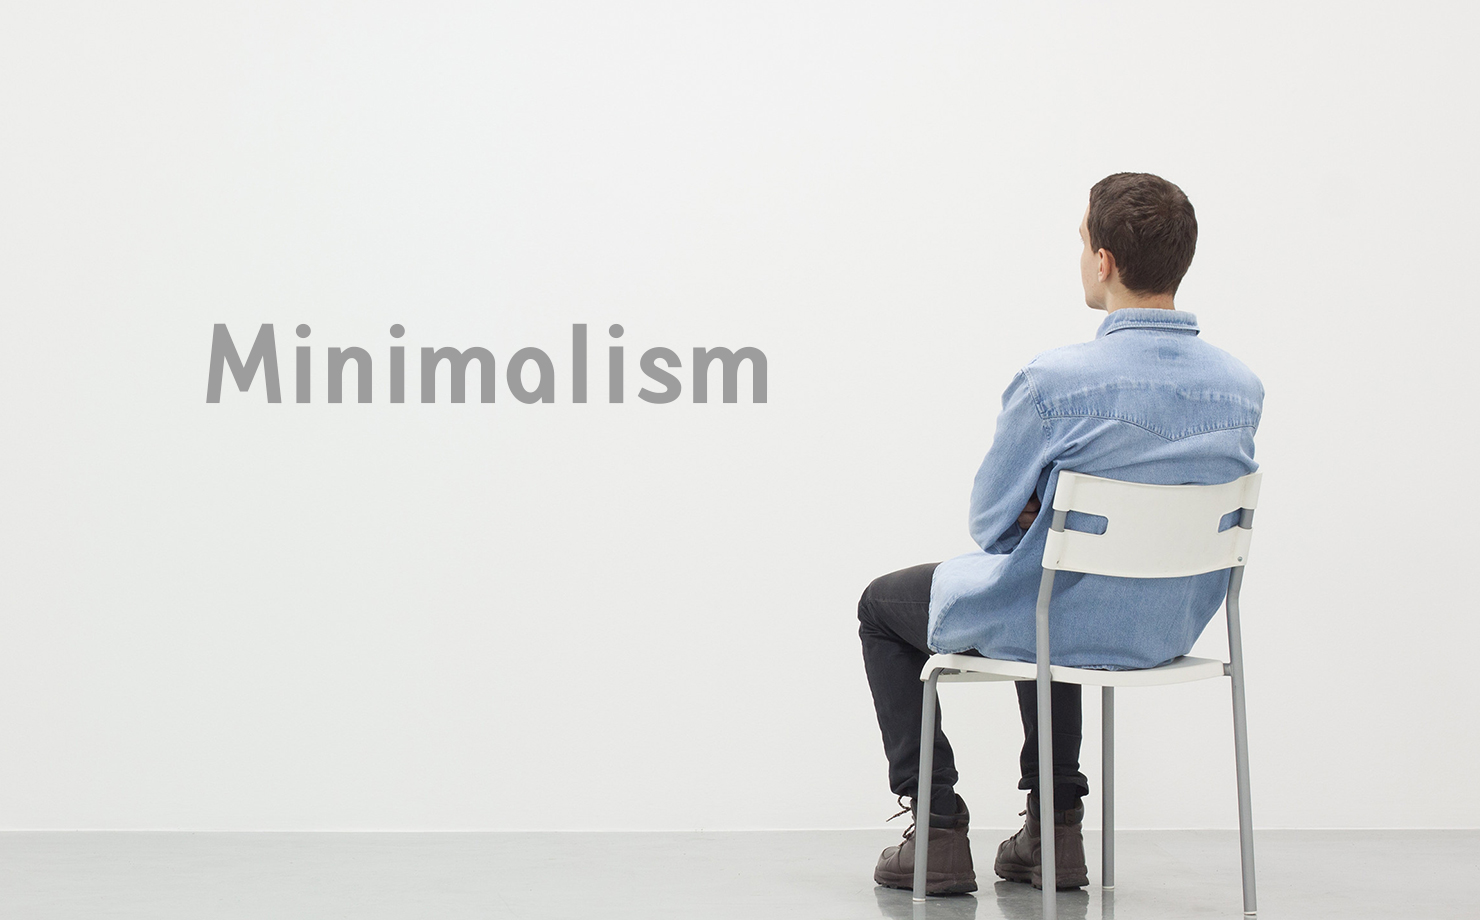 مامعنى أن تتبنى مفهوم Minimalism؟